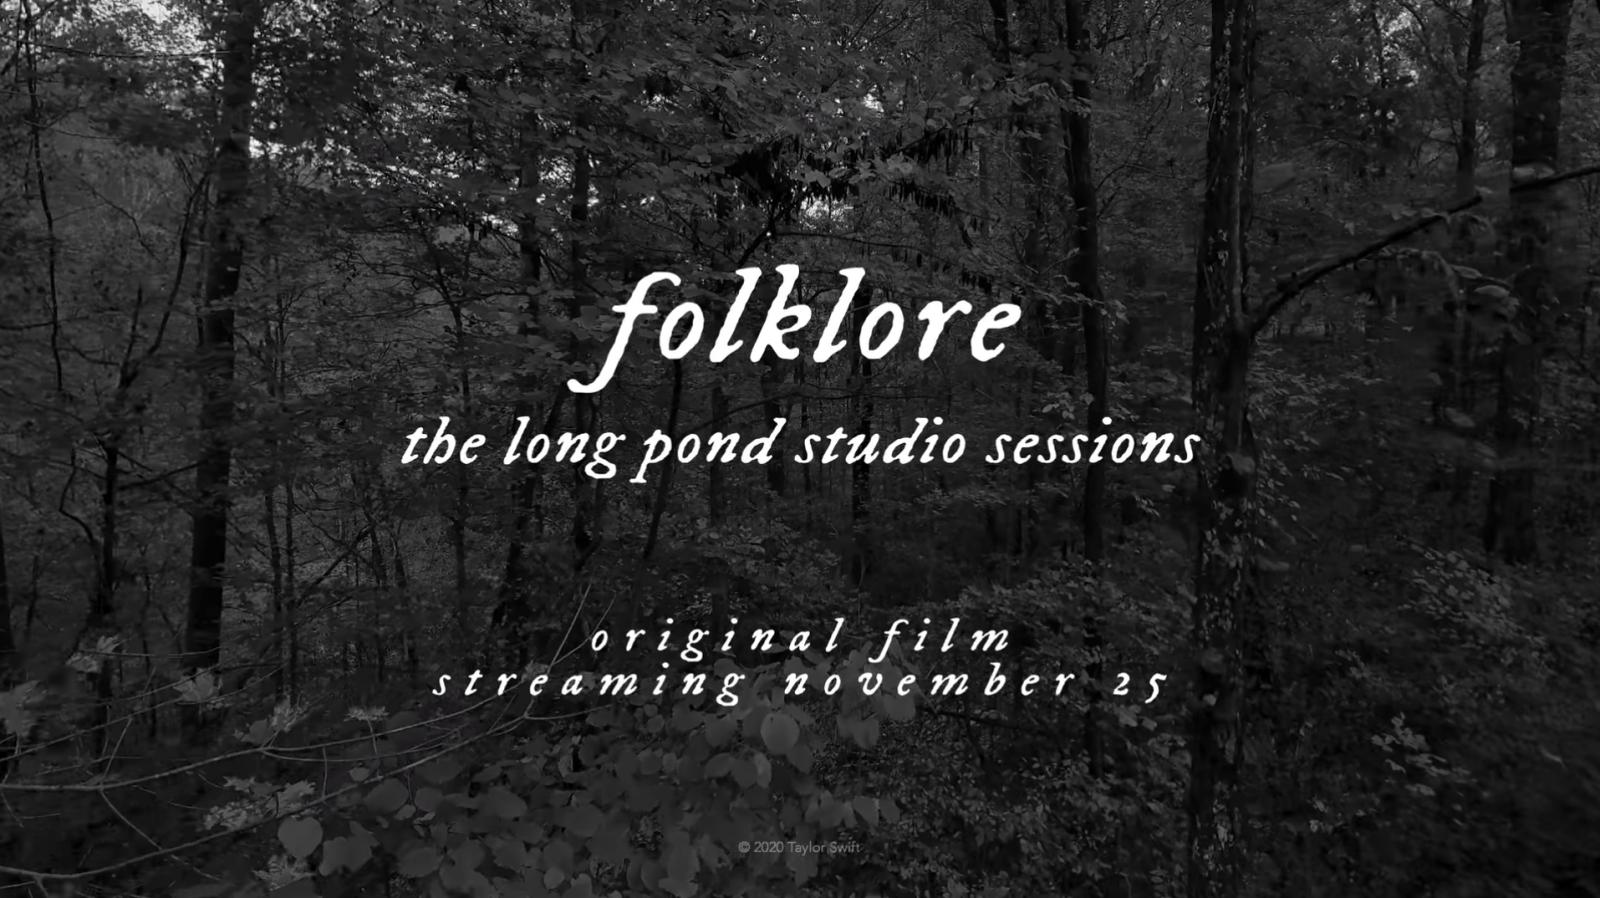 Taylor Swift Folklore Concert Film